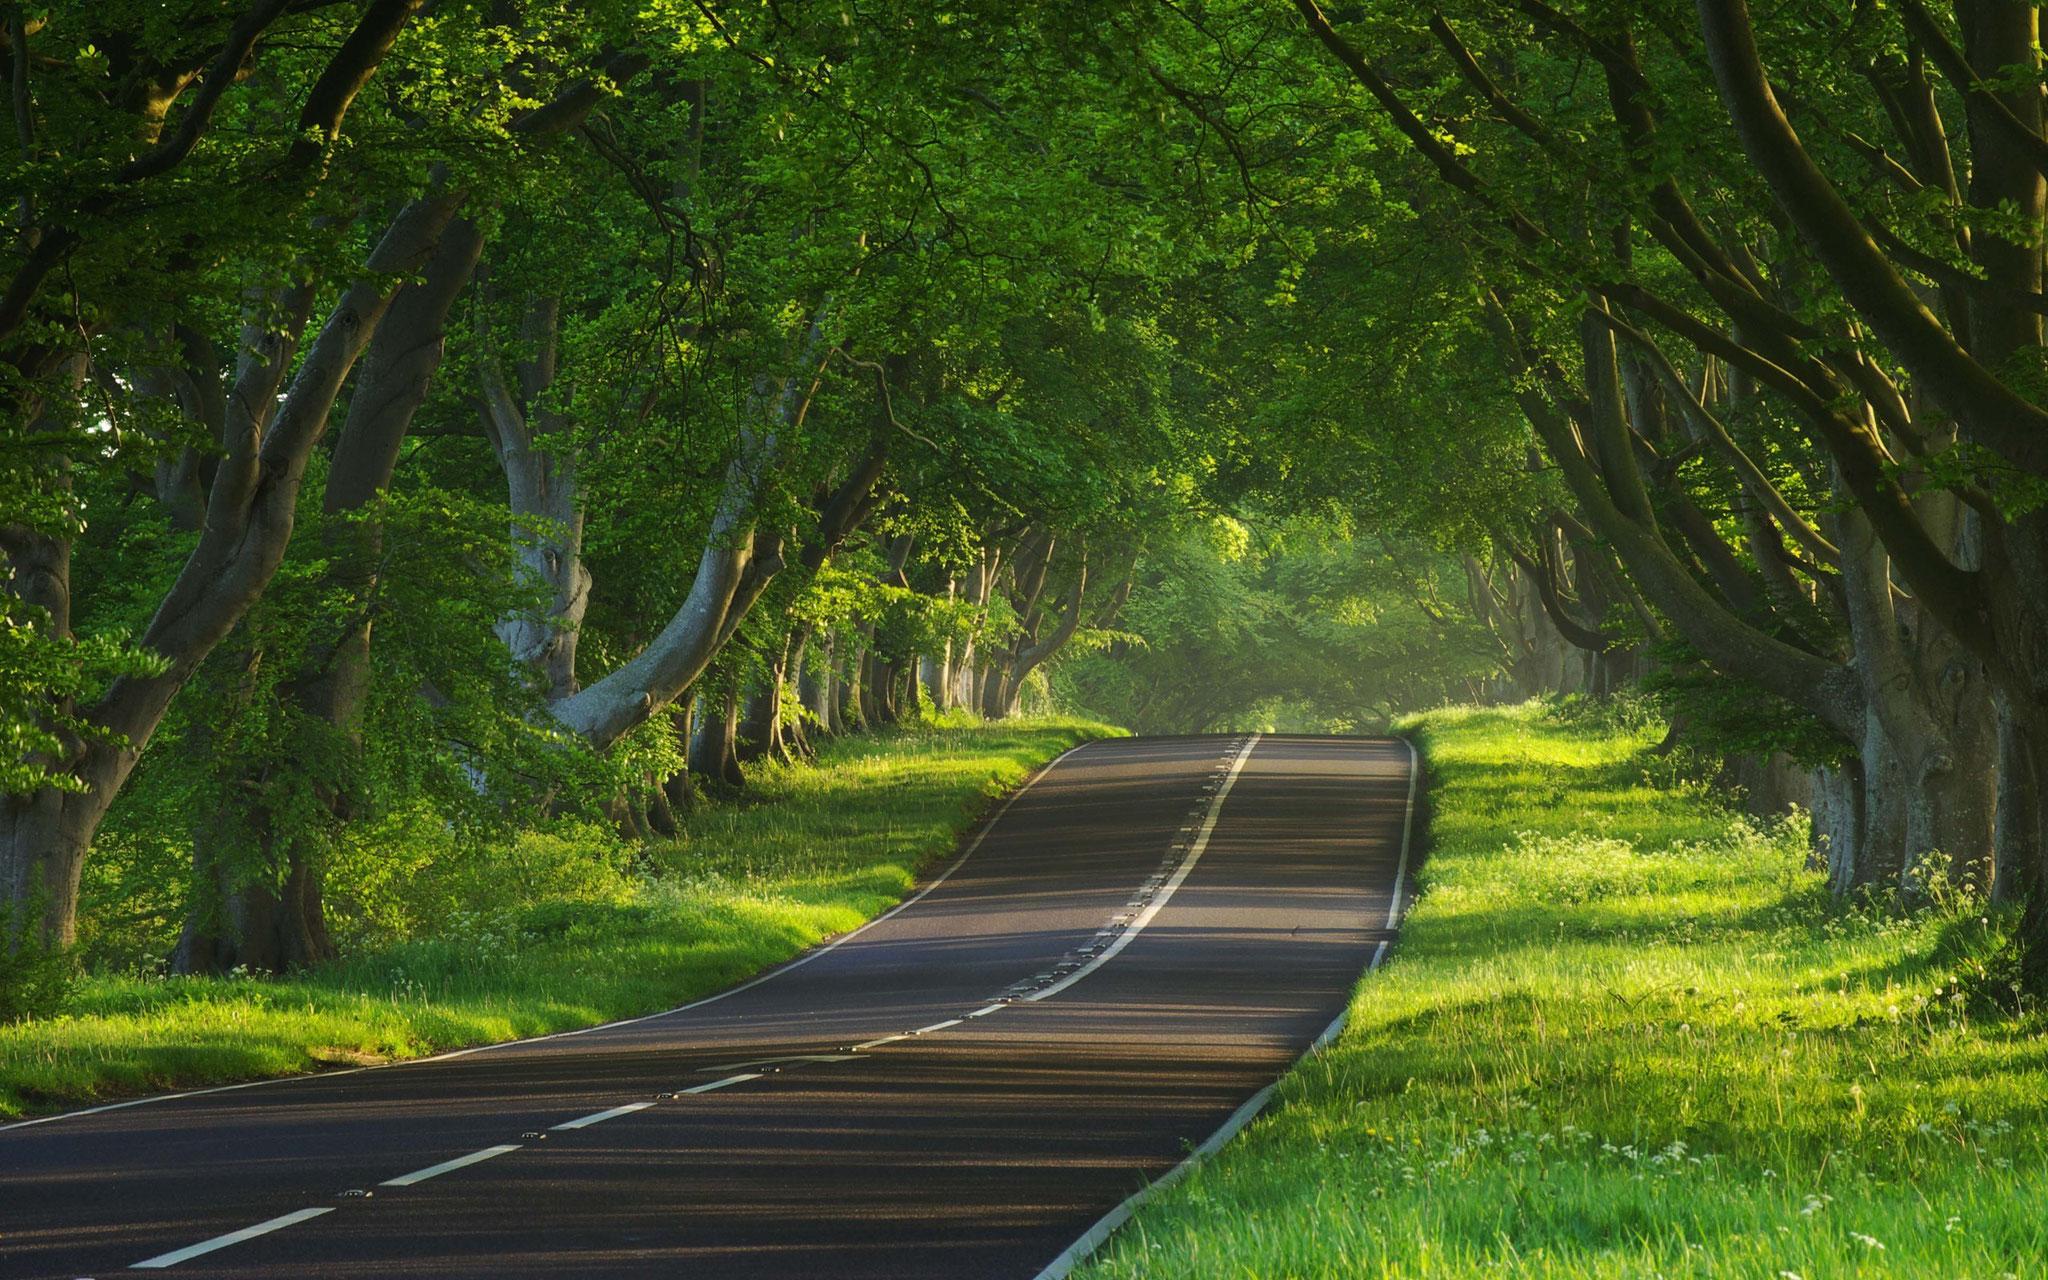 Road to hell or heaven oder beides zusammen?